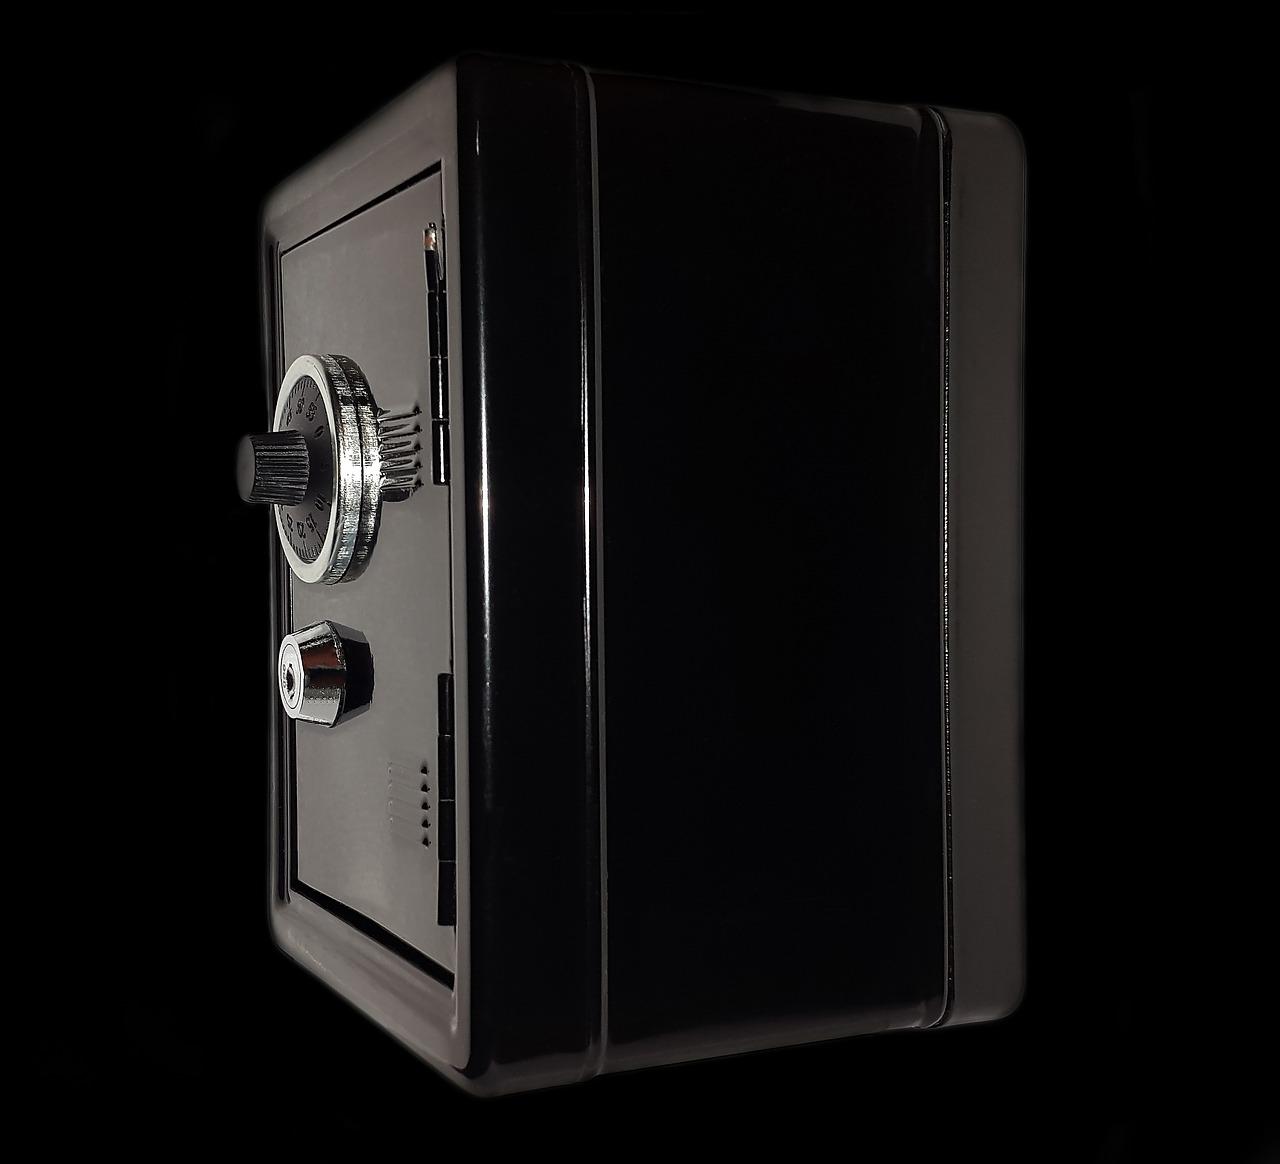 Een kluis in huis: welke soort kiezen en hoe installeren?